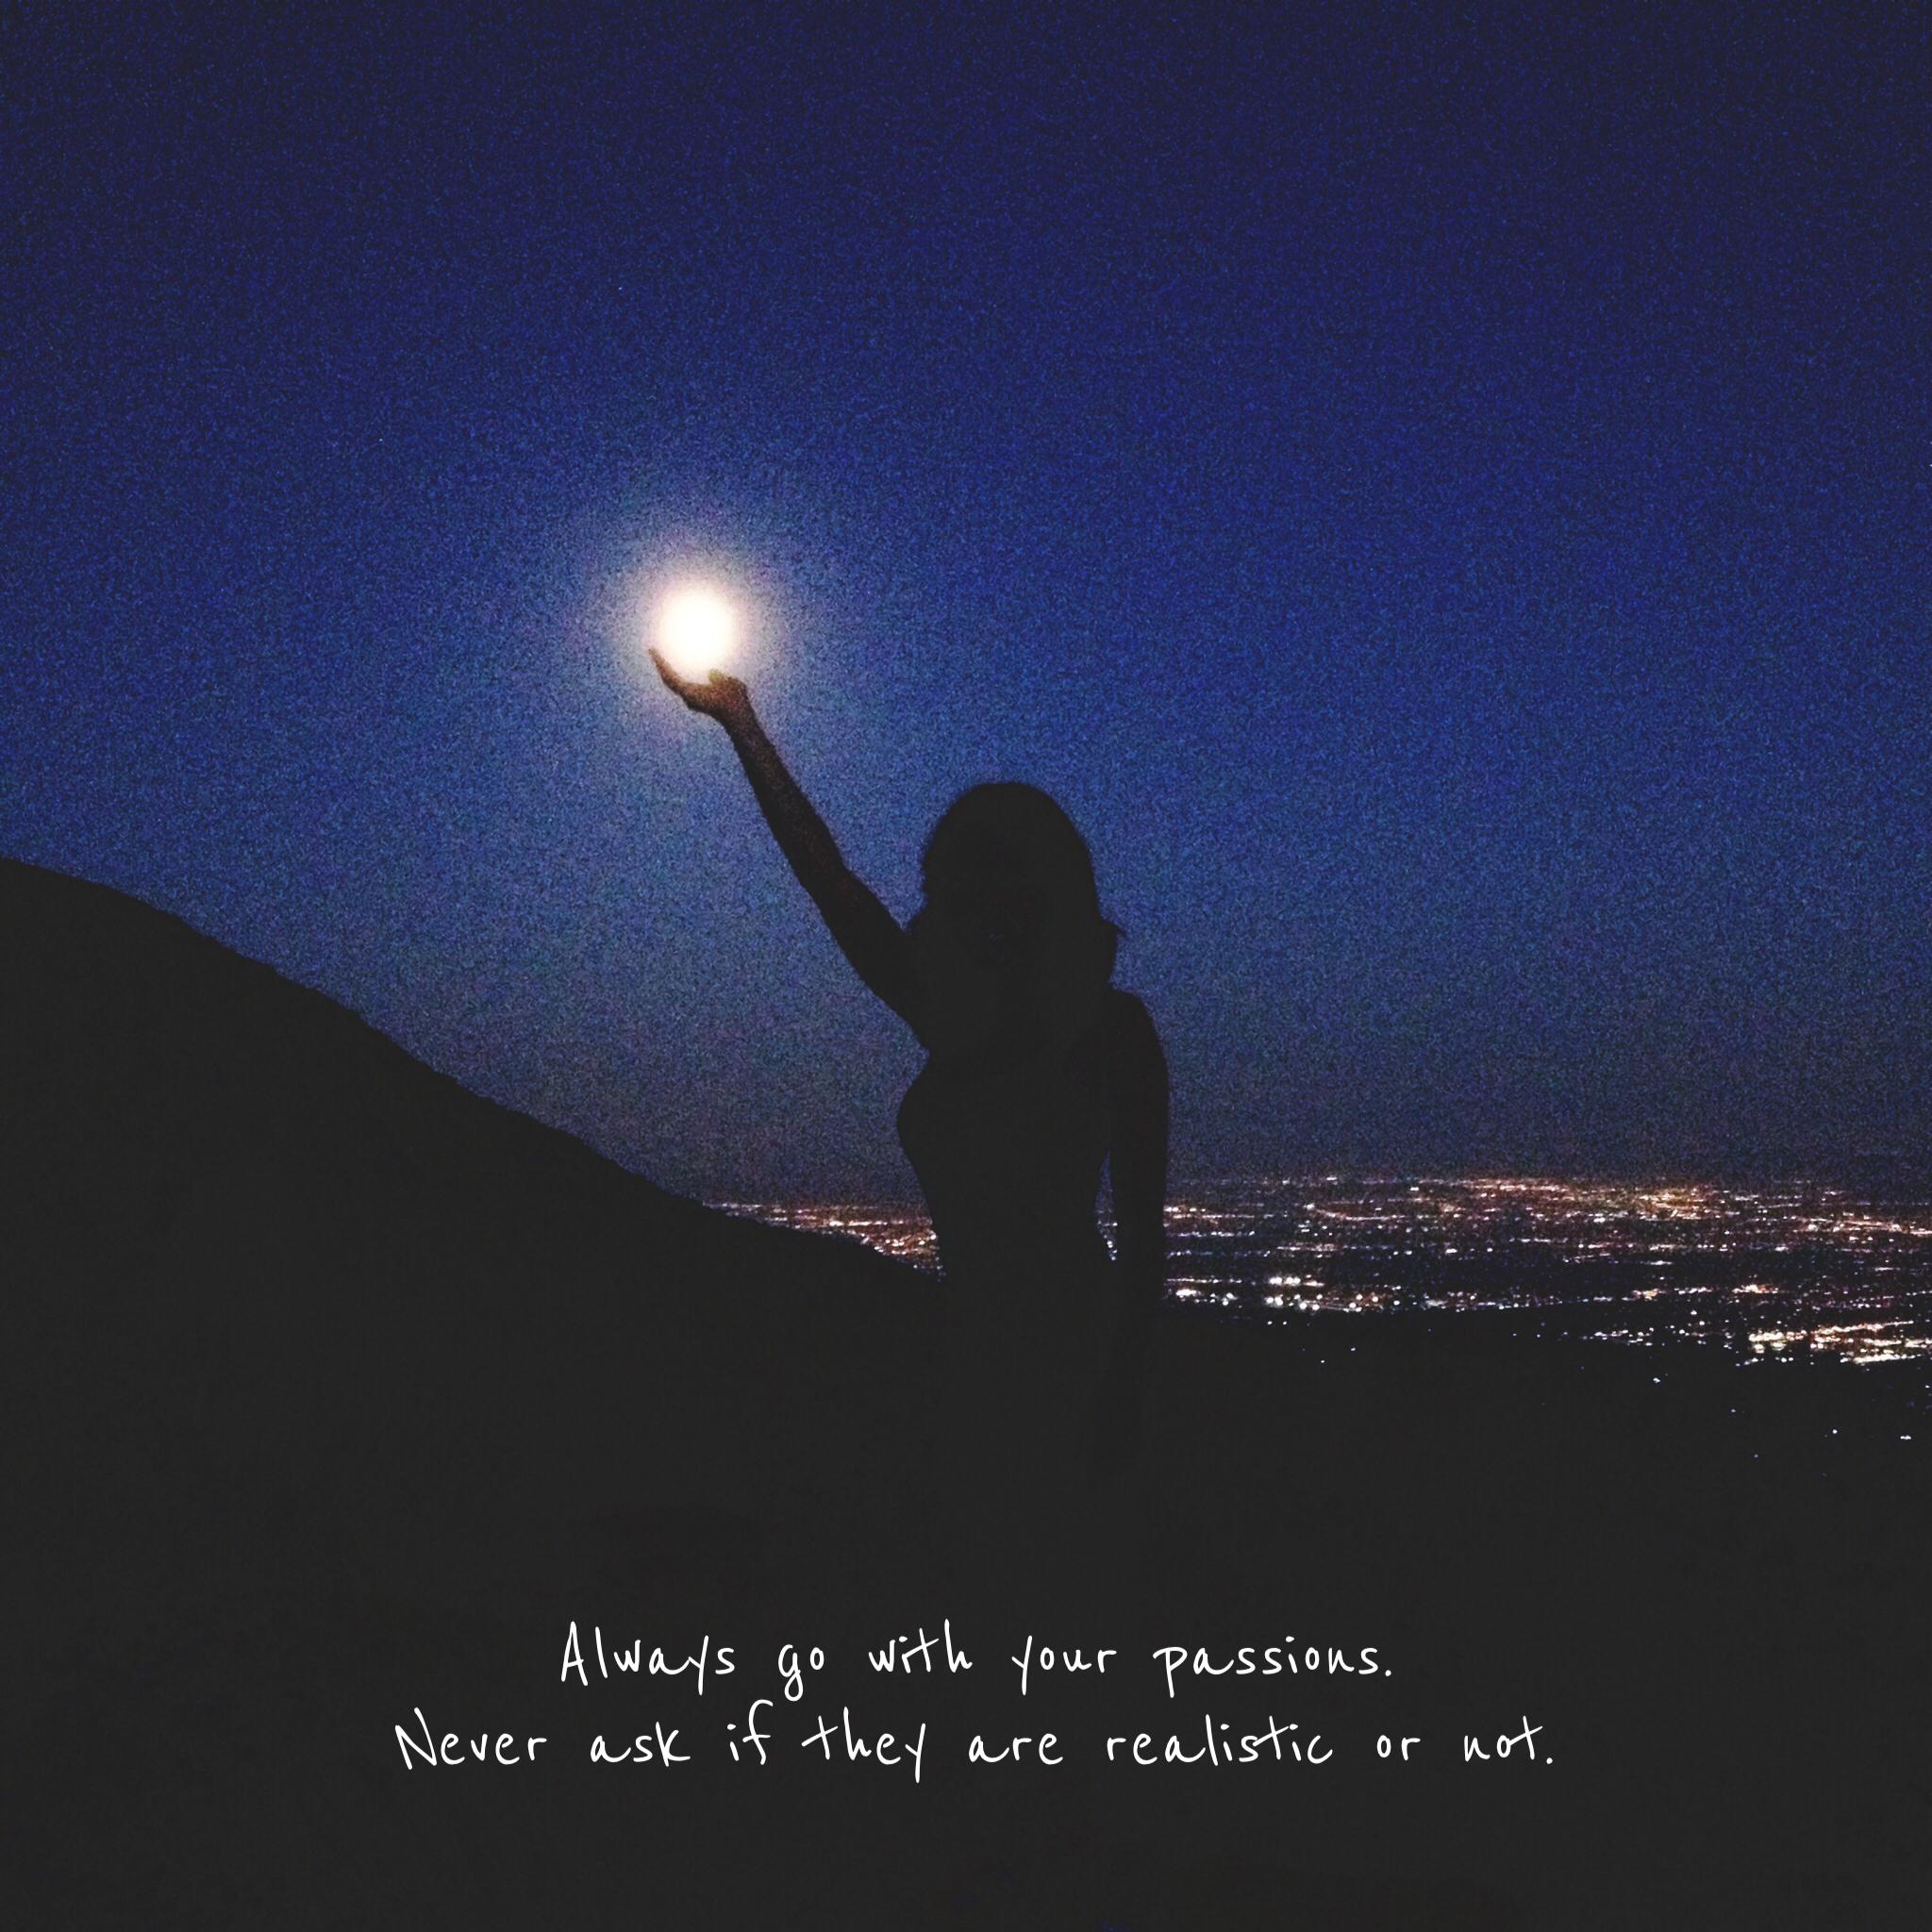 Full Moon Love Quotes. QuotesGram